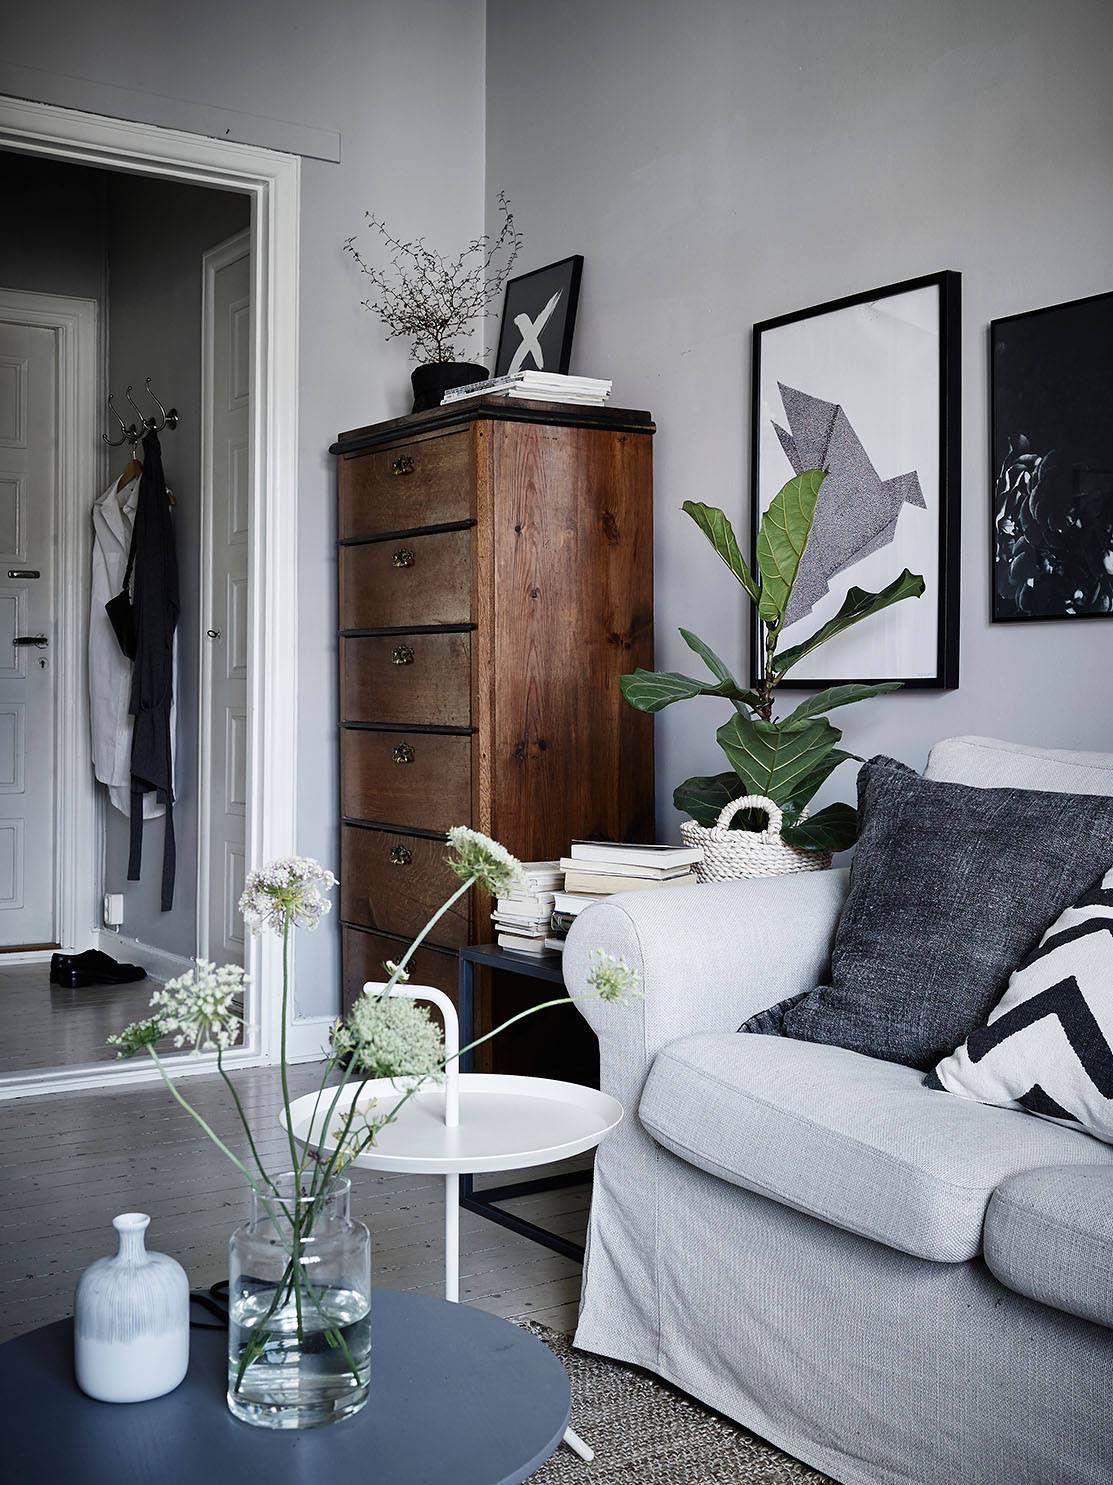 Innenarchitektur wohnzimmer für kleine wohnung cozy grey home  via cocolapinedesign  wohnzimmer  pinterest